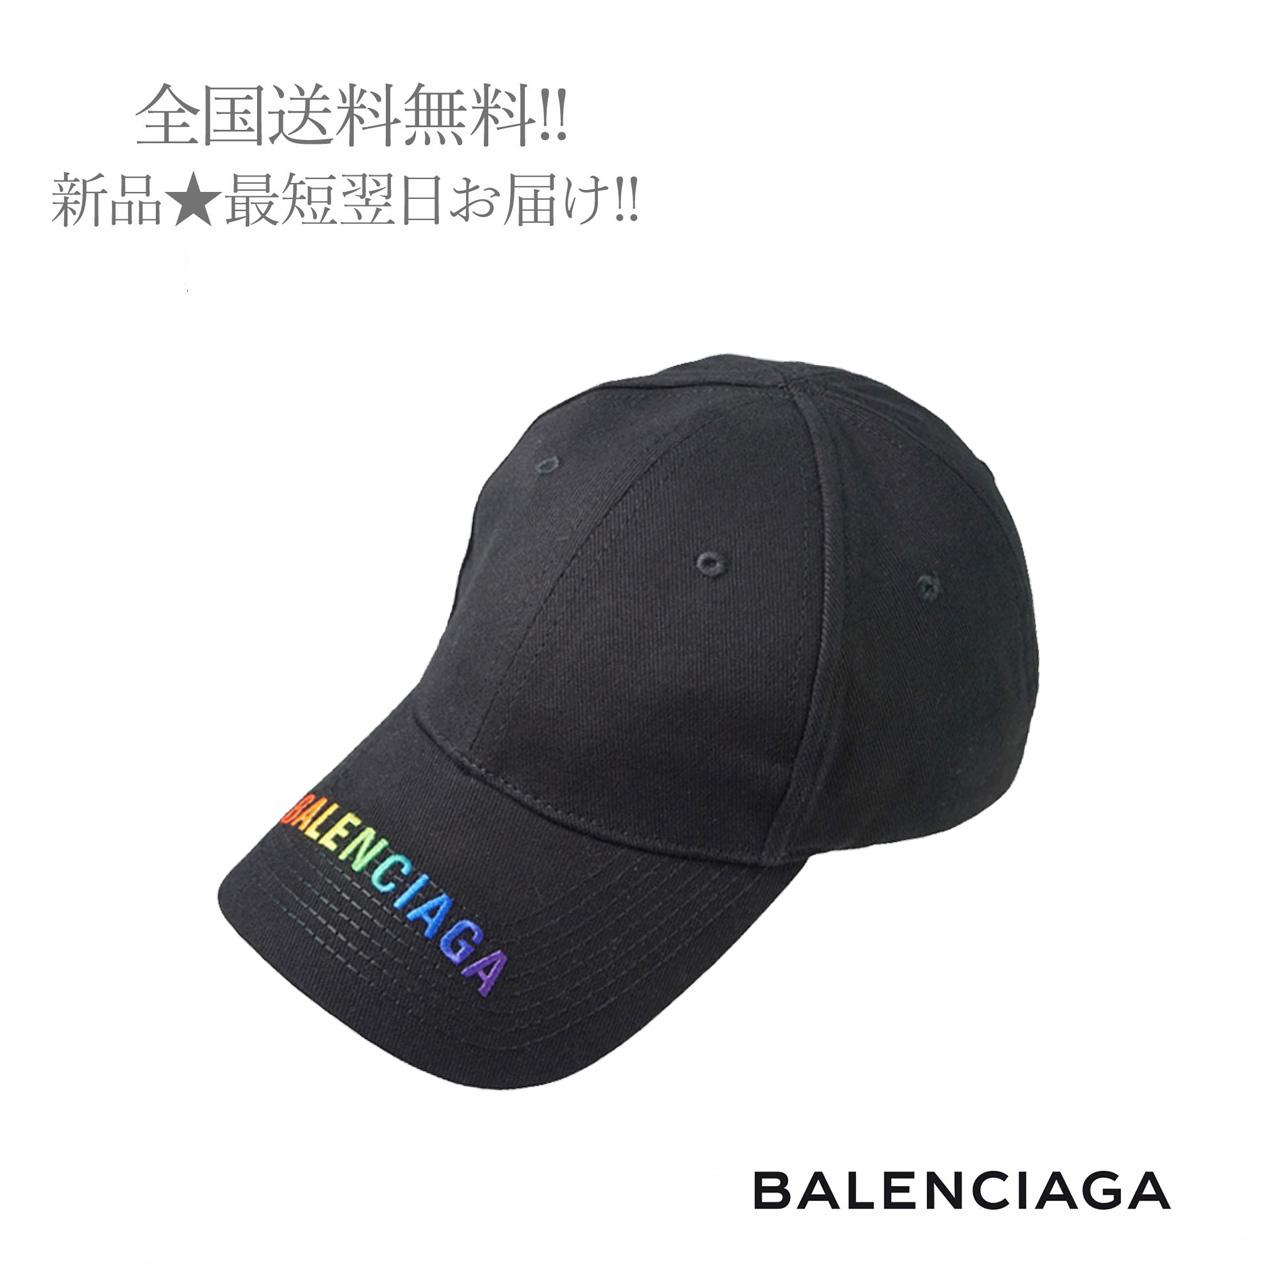 爆買い送料無料 BALENCIAGA バレンシアガ キャップ レインボー ユニセックス イタリア製 本日限定 フリーサイズ ロゴ刺繍